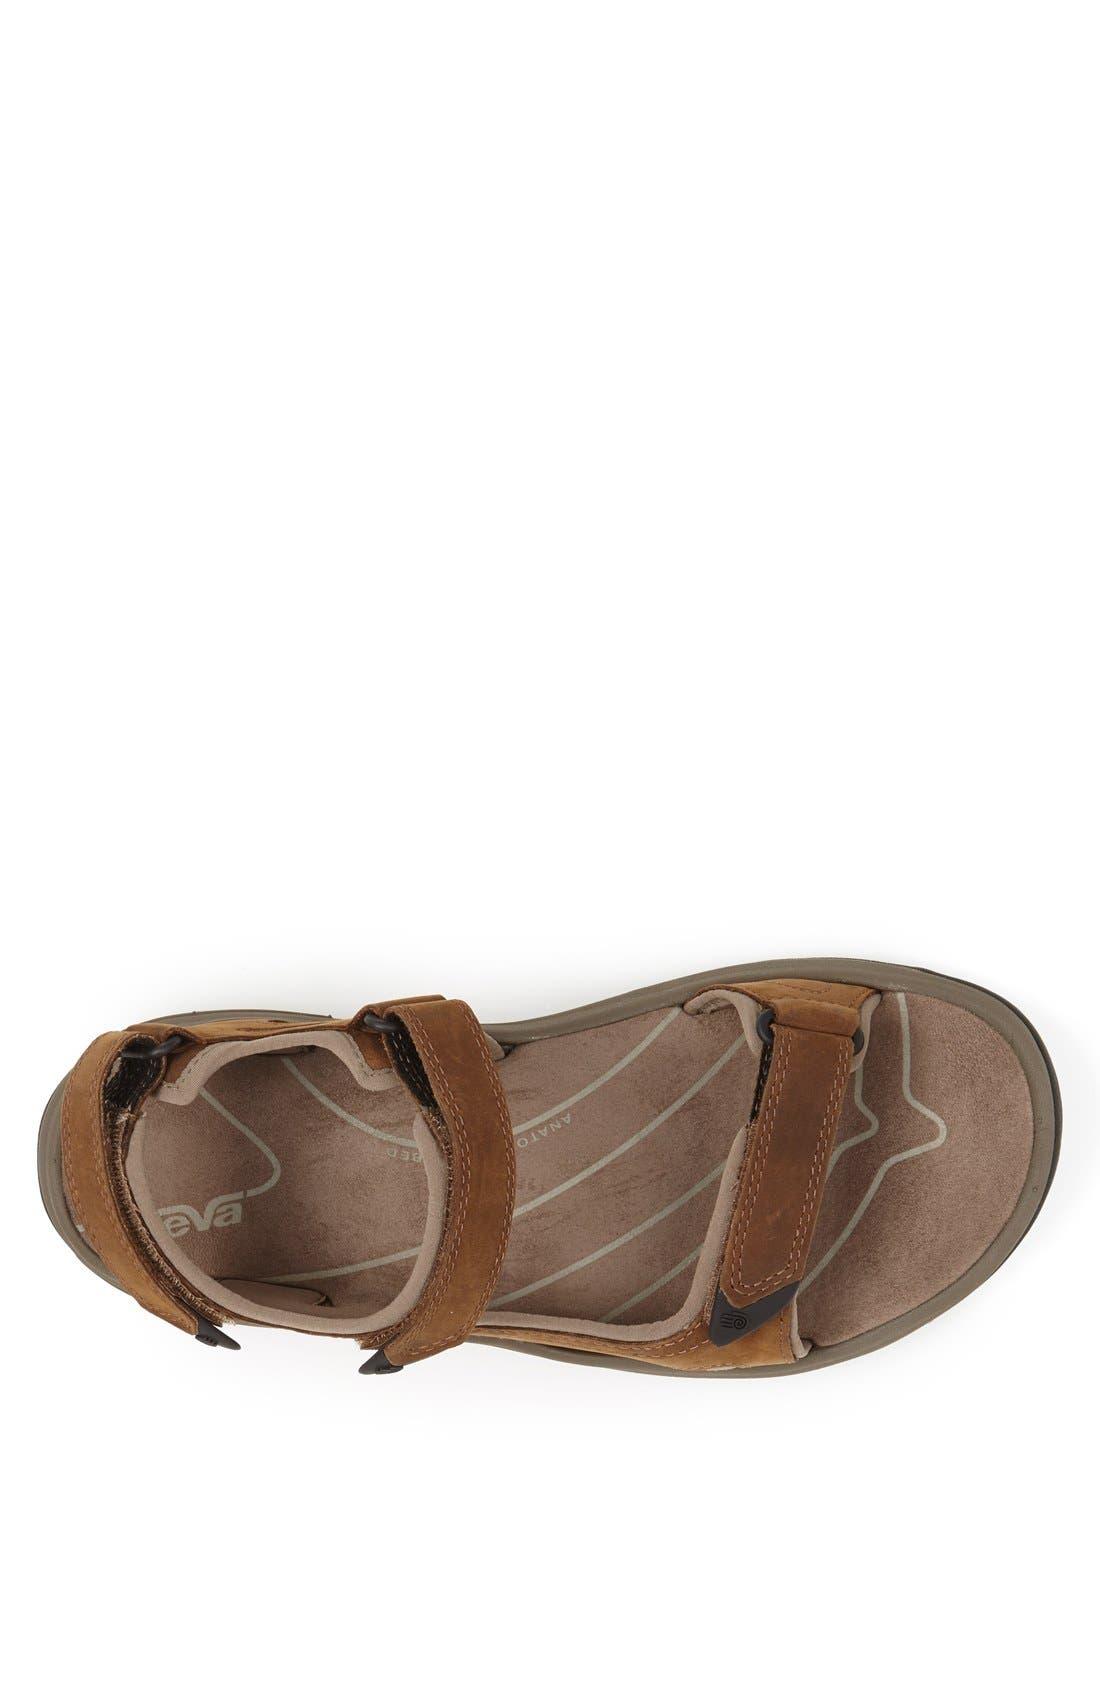 Alternate Image 3  - Teva 'Jetter' Sandal (Men)